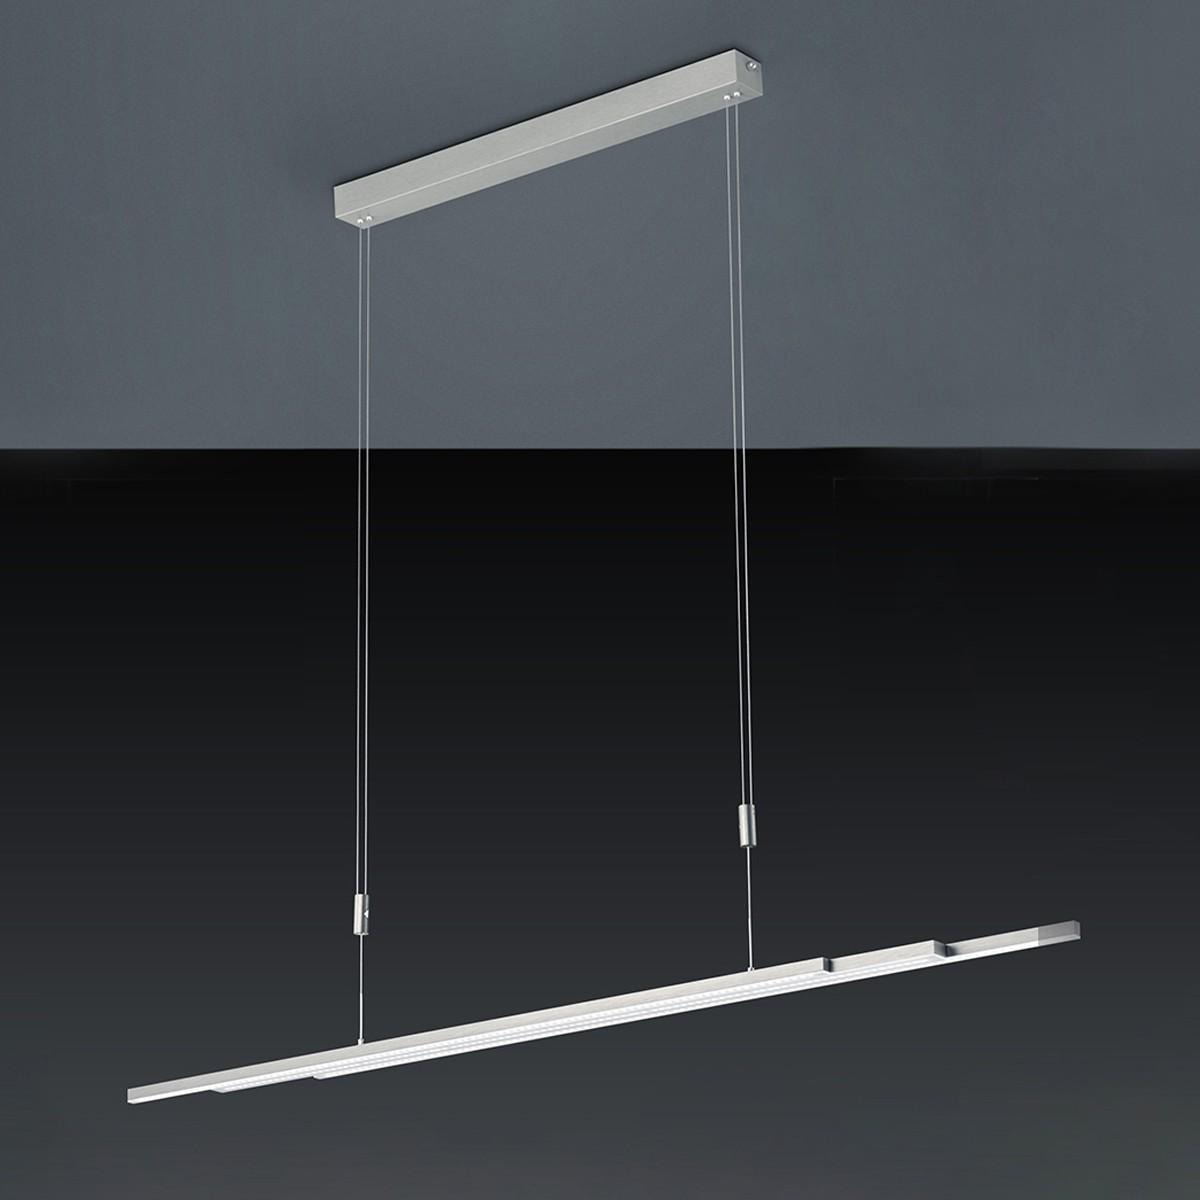 bankamp l lightline vertical dimm pendelleuchte nickel matt orthoonline. Black Bedroom Furniture Sets. Home Design Ideas